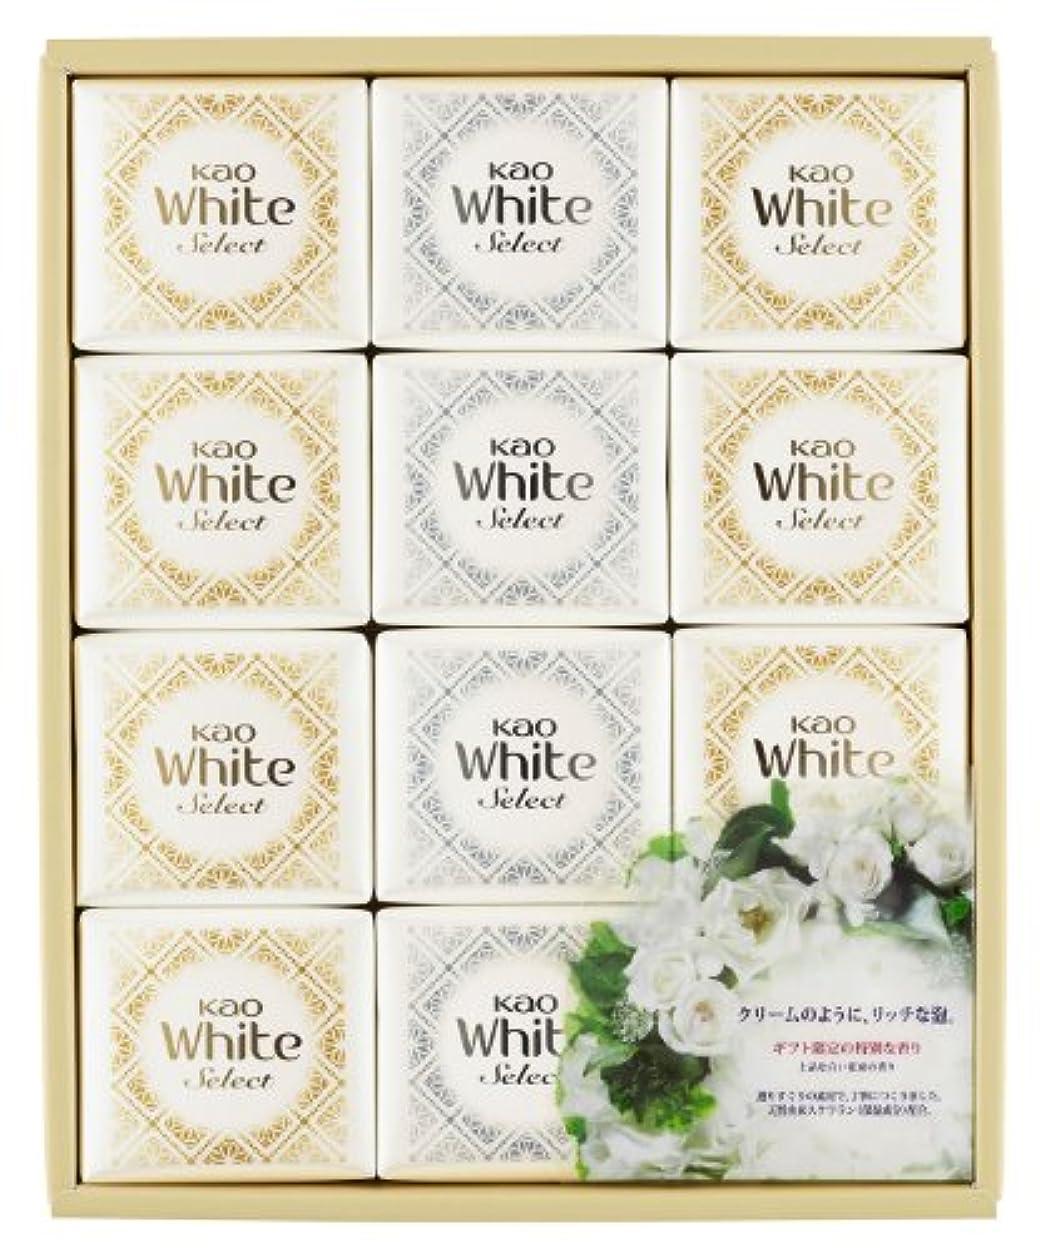 によると押し下げる青写真花王ホワイト セレクト 上品な白い花束の香り 85g 12コ K?WS-20